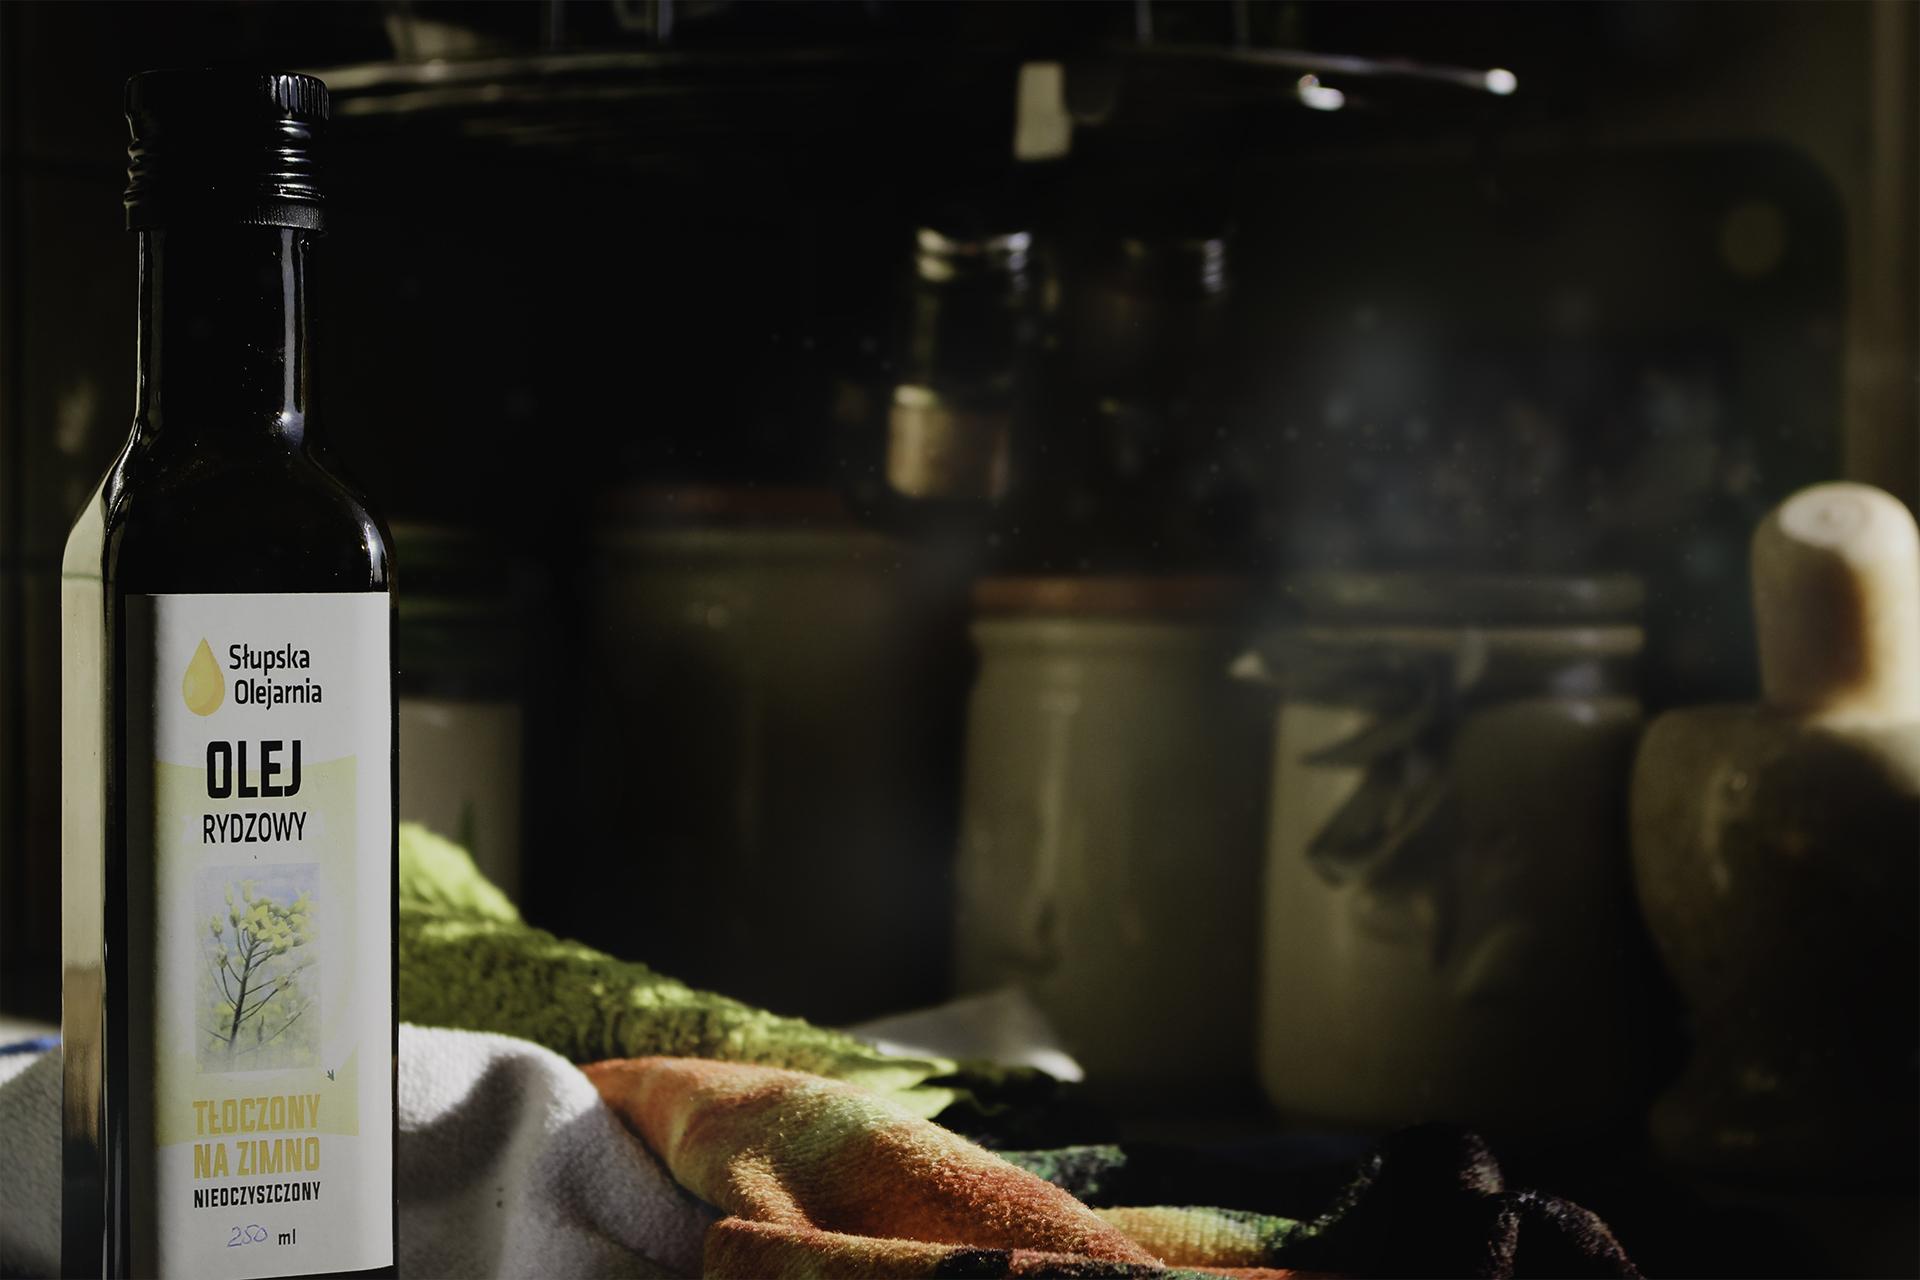 Olej rydzowy roślinny tłoczony na zimno